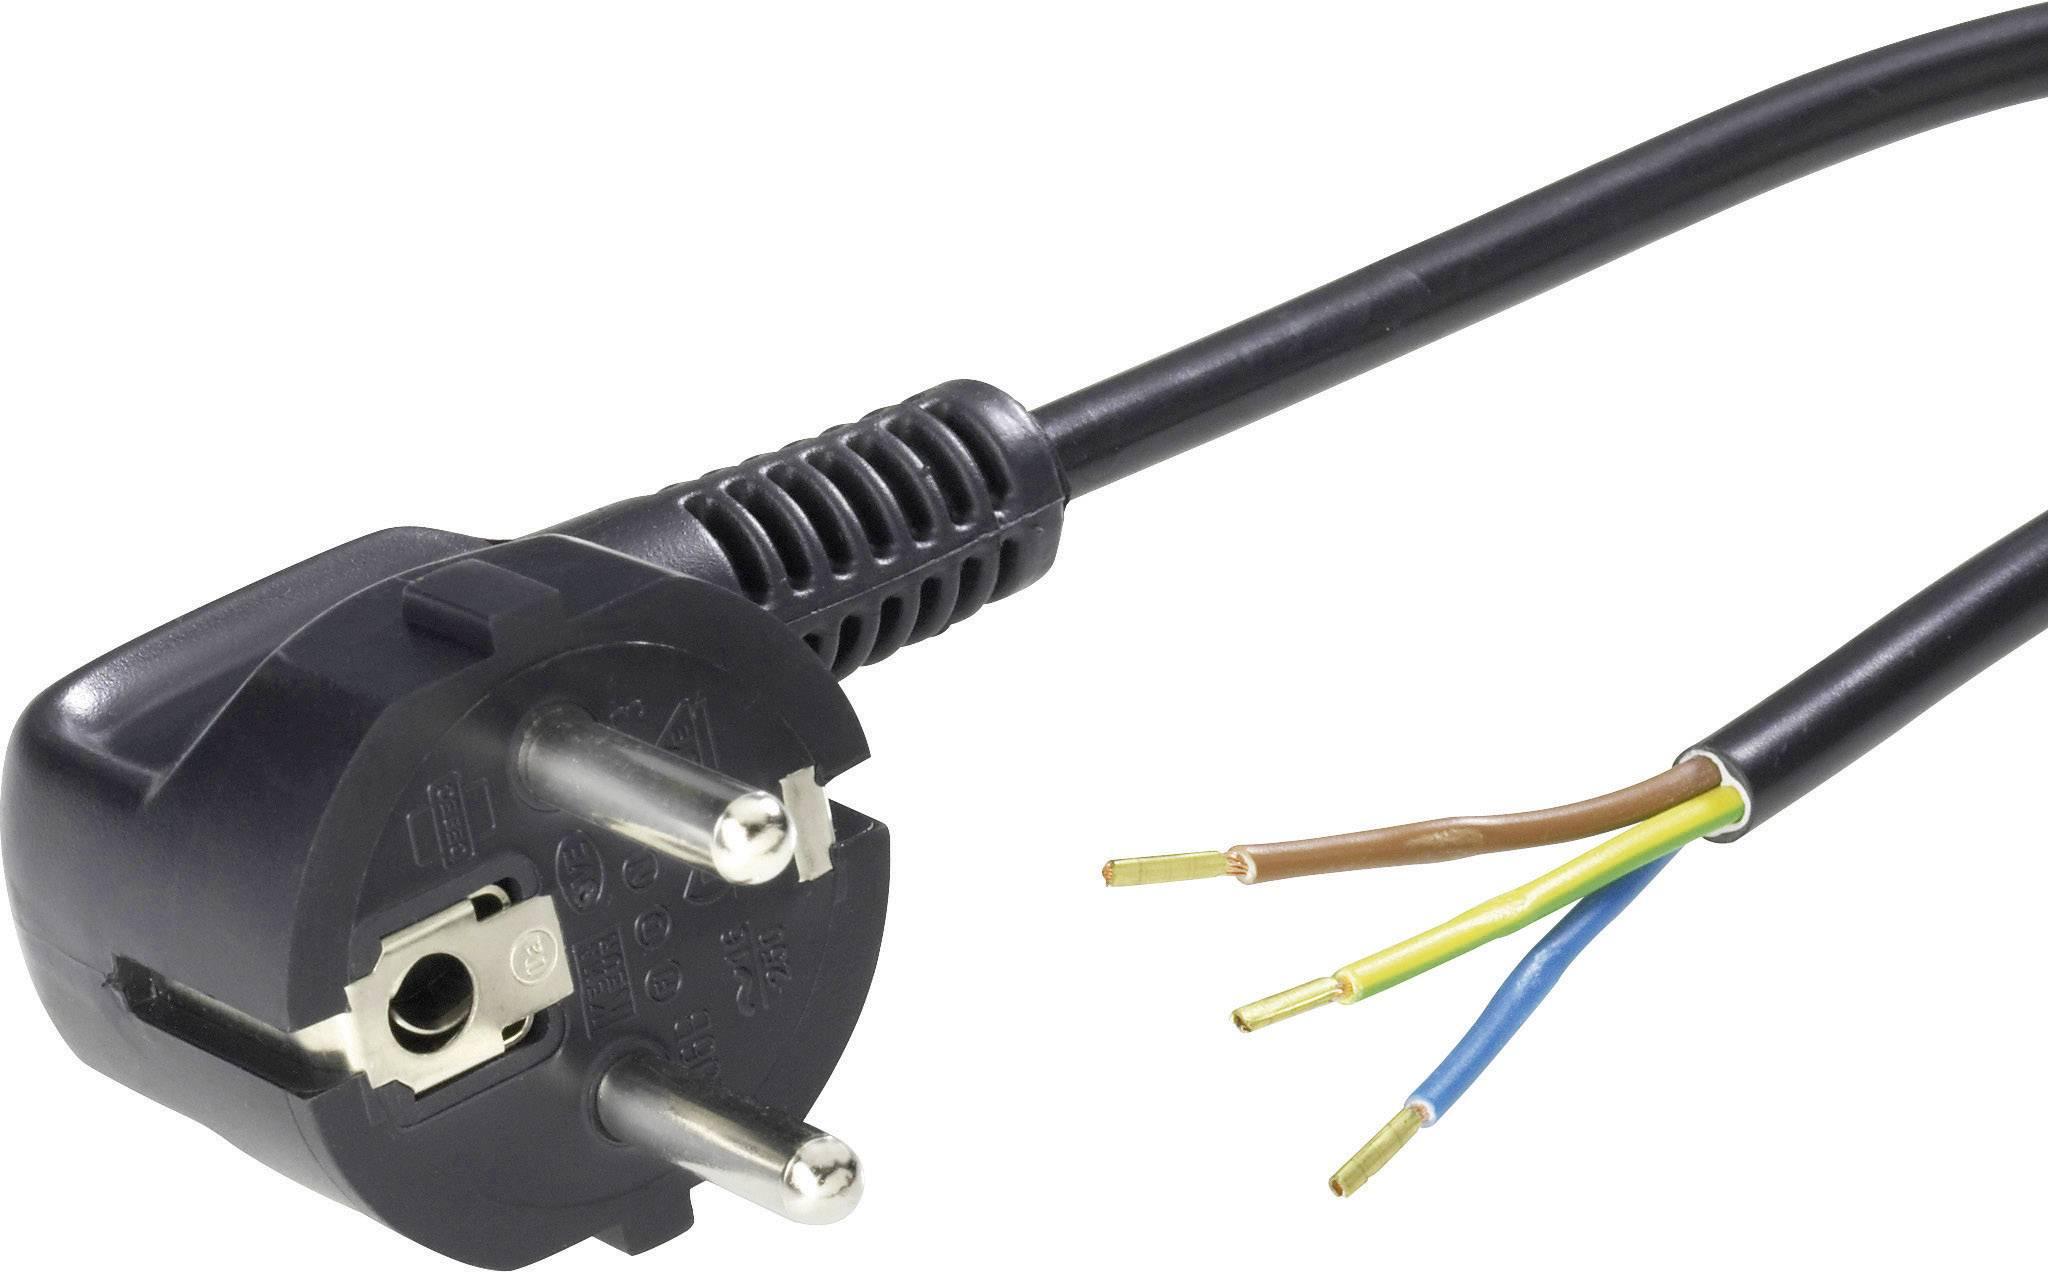 Připojovací kabel NETZFLEXR H03VV-F 3G 0,75 černý